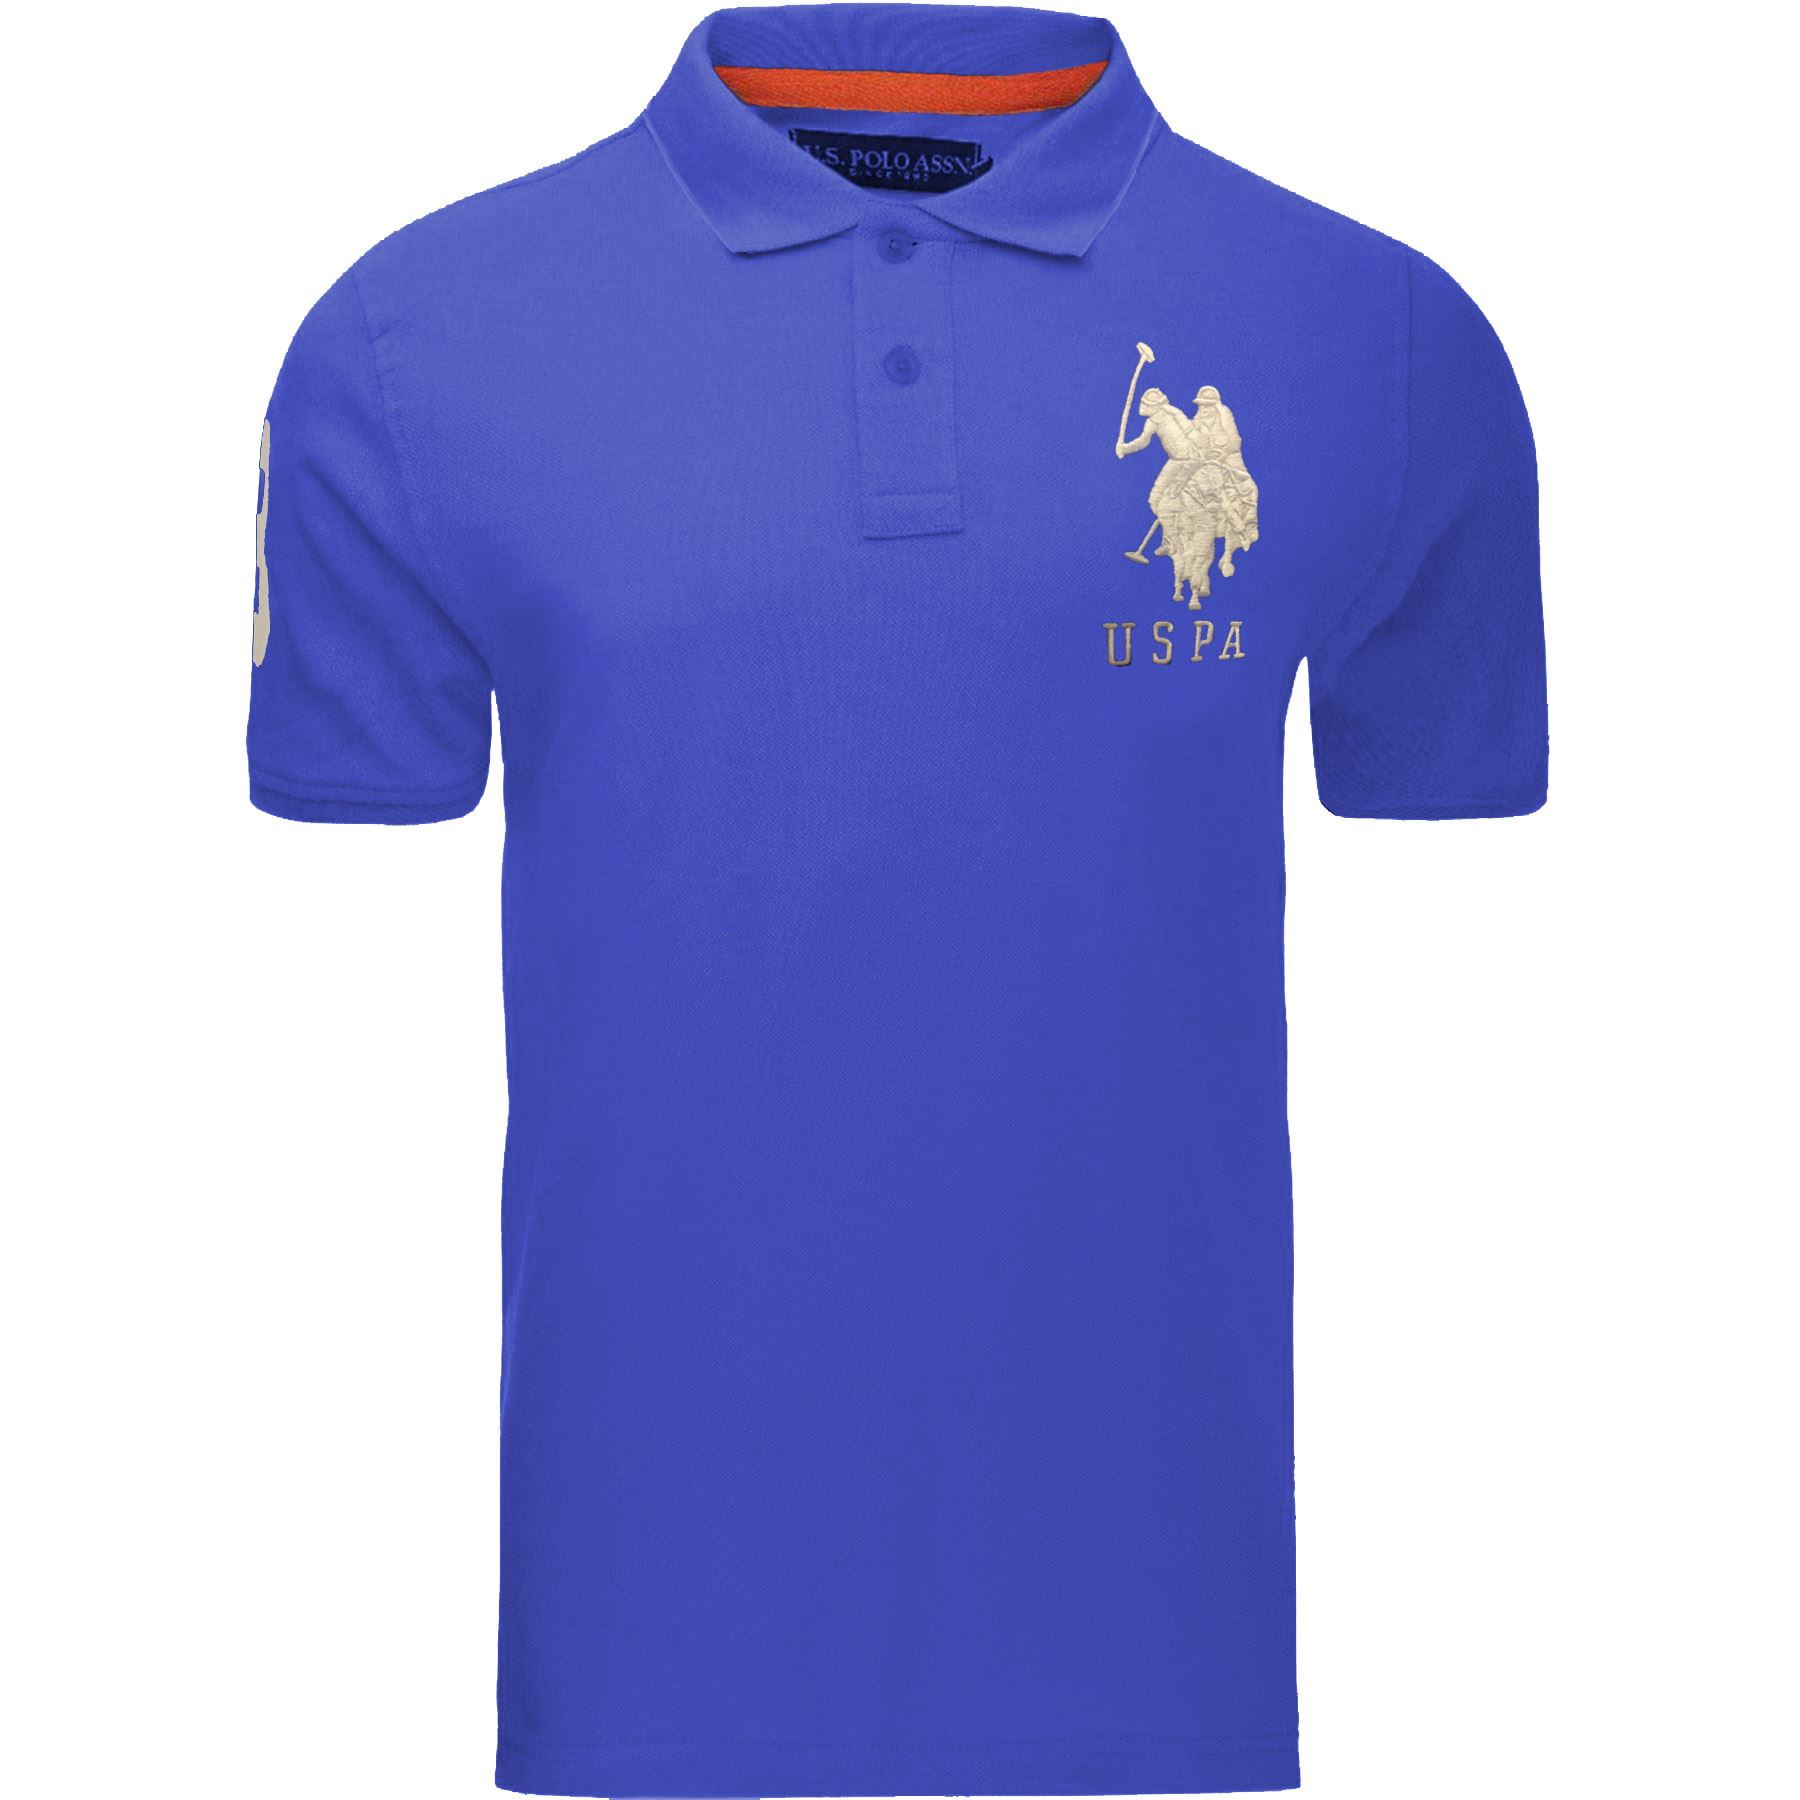 89a1535bb Mens US Polo Assn Tshirt Genuine Pique Polo Custom Fit Short Sleeve ...